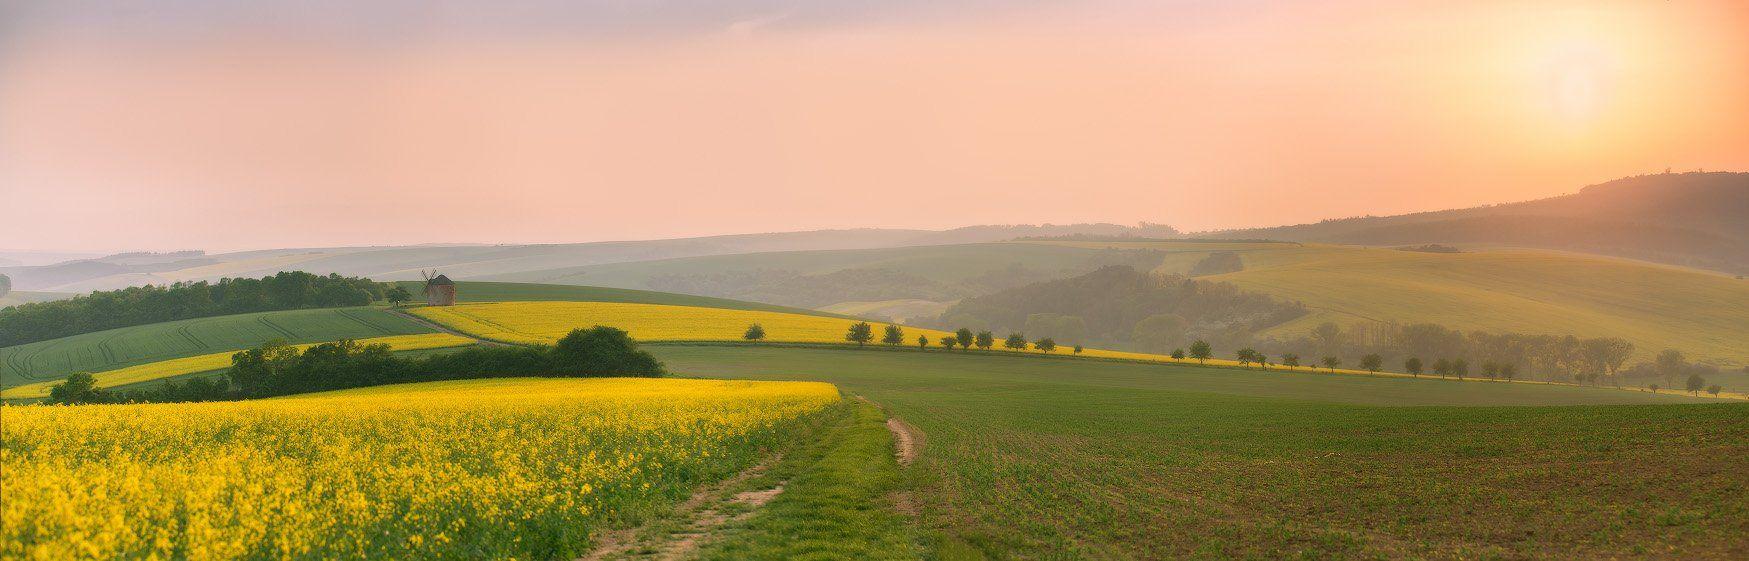 весна, вечер, европа, закат, май, моравия, чехия, Вейзе Максим